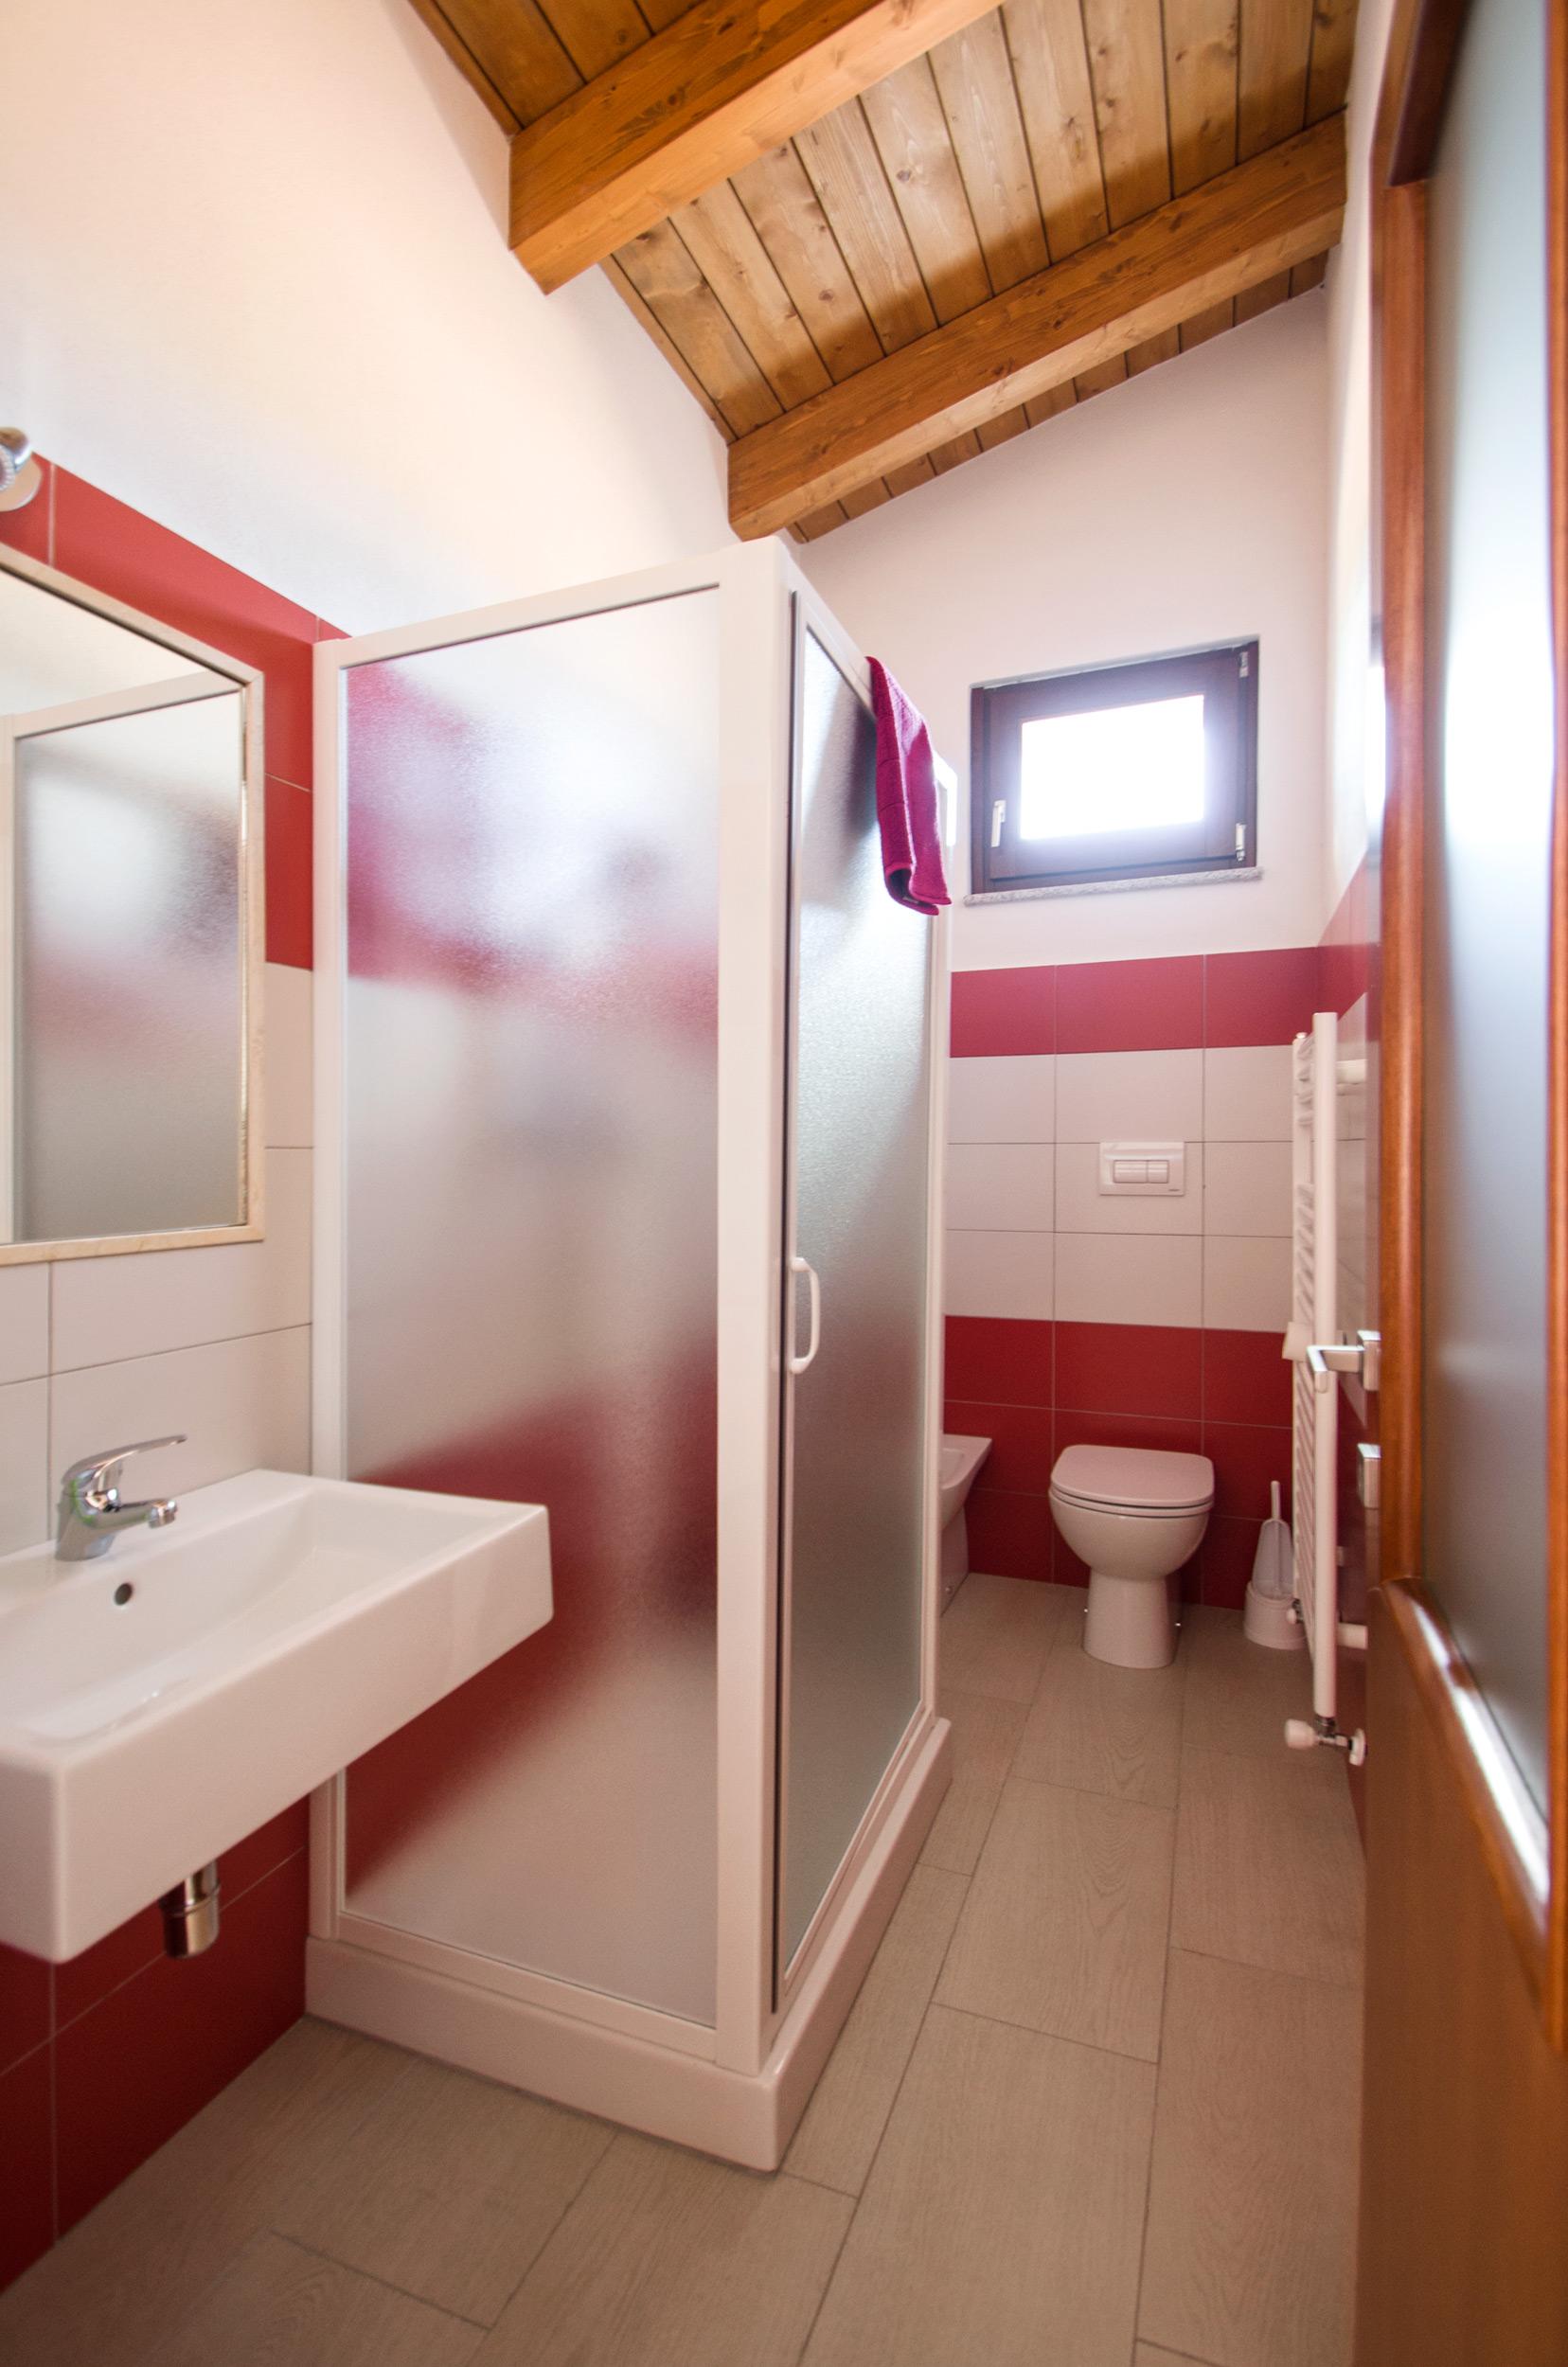 la stanza Rossa - il bagno